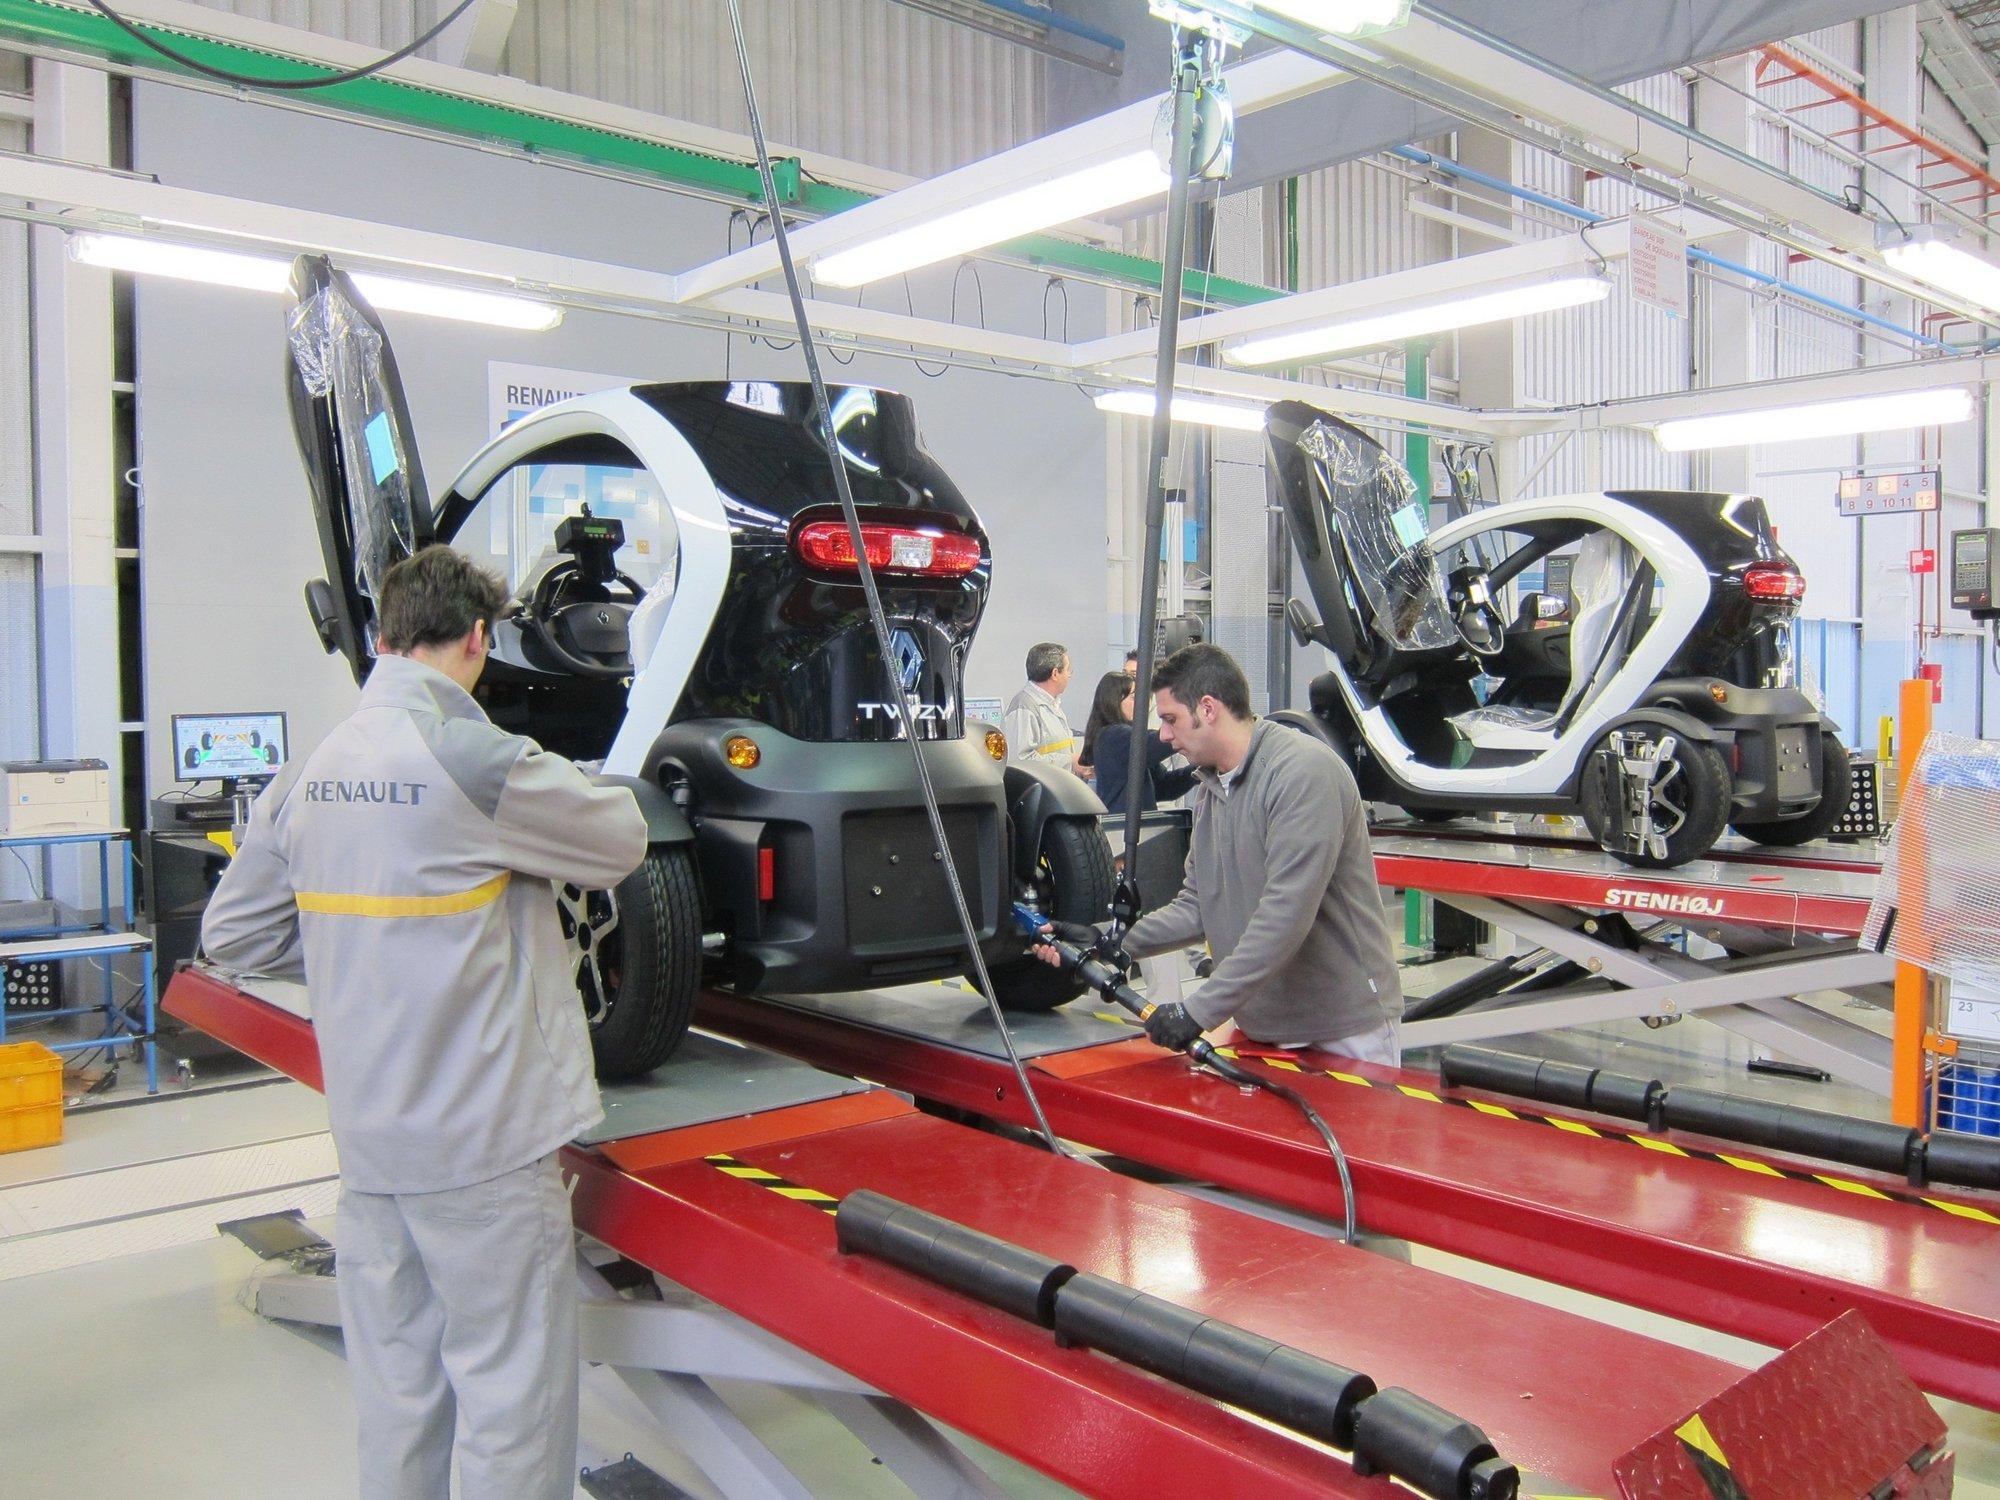 Renault inicia la producción del Twizy en Valladolid y crea cien puestos de trabajo